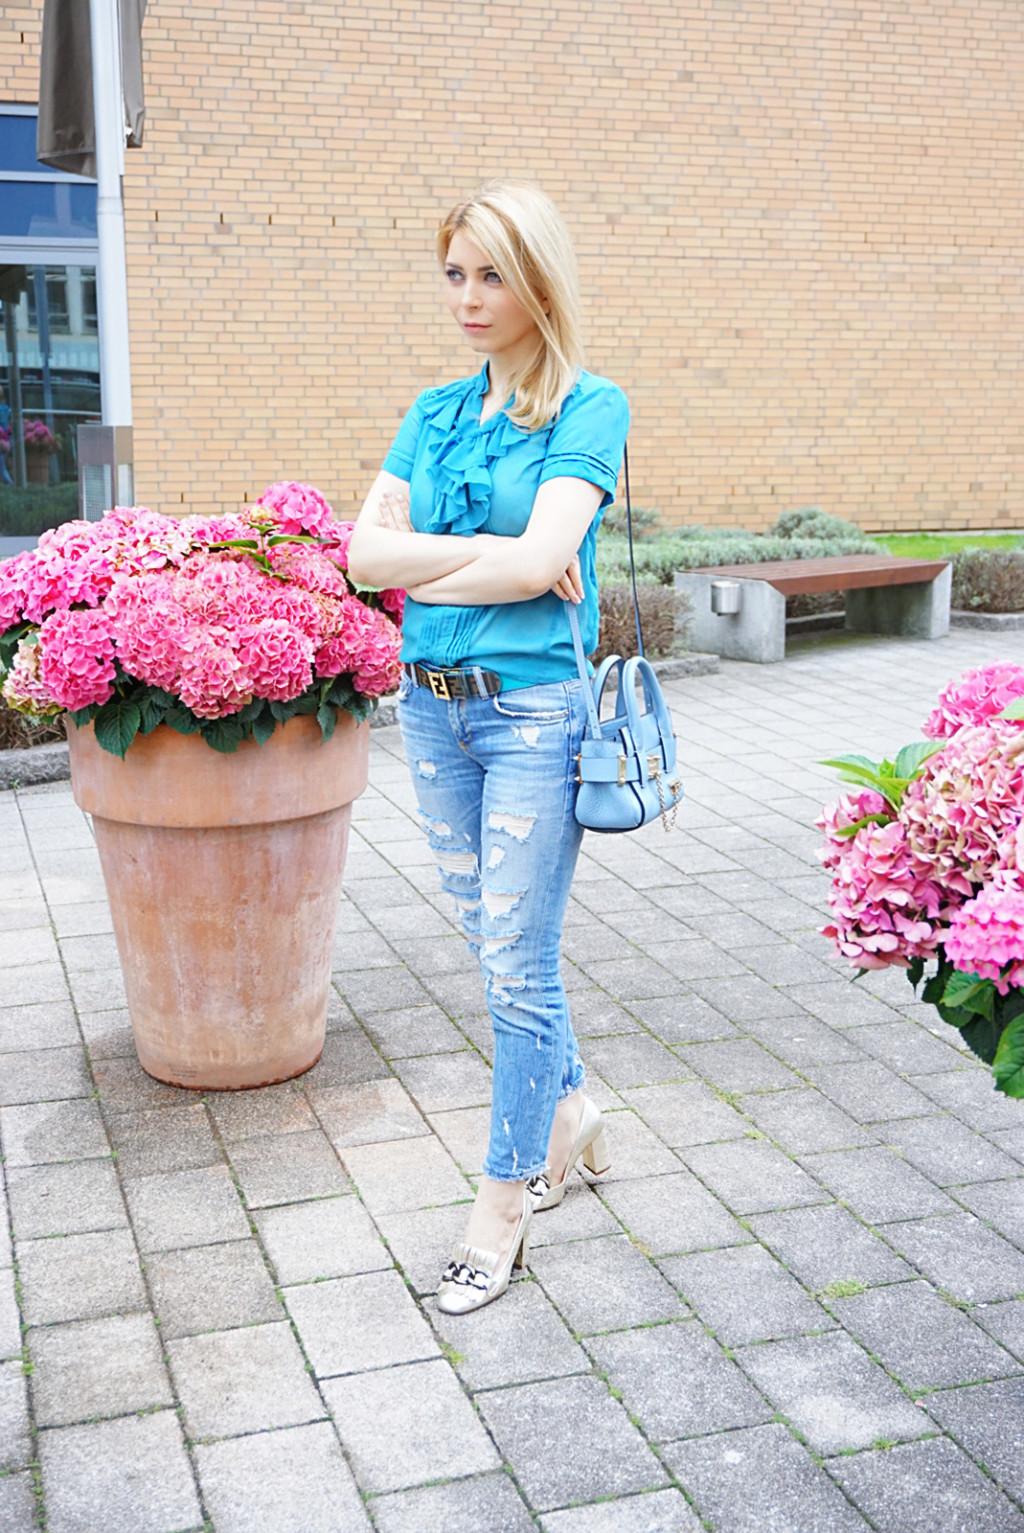 Casual-Elegant Style Mix - Yuliya Savytska